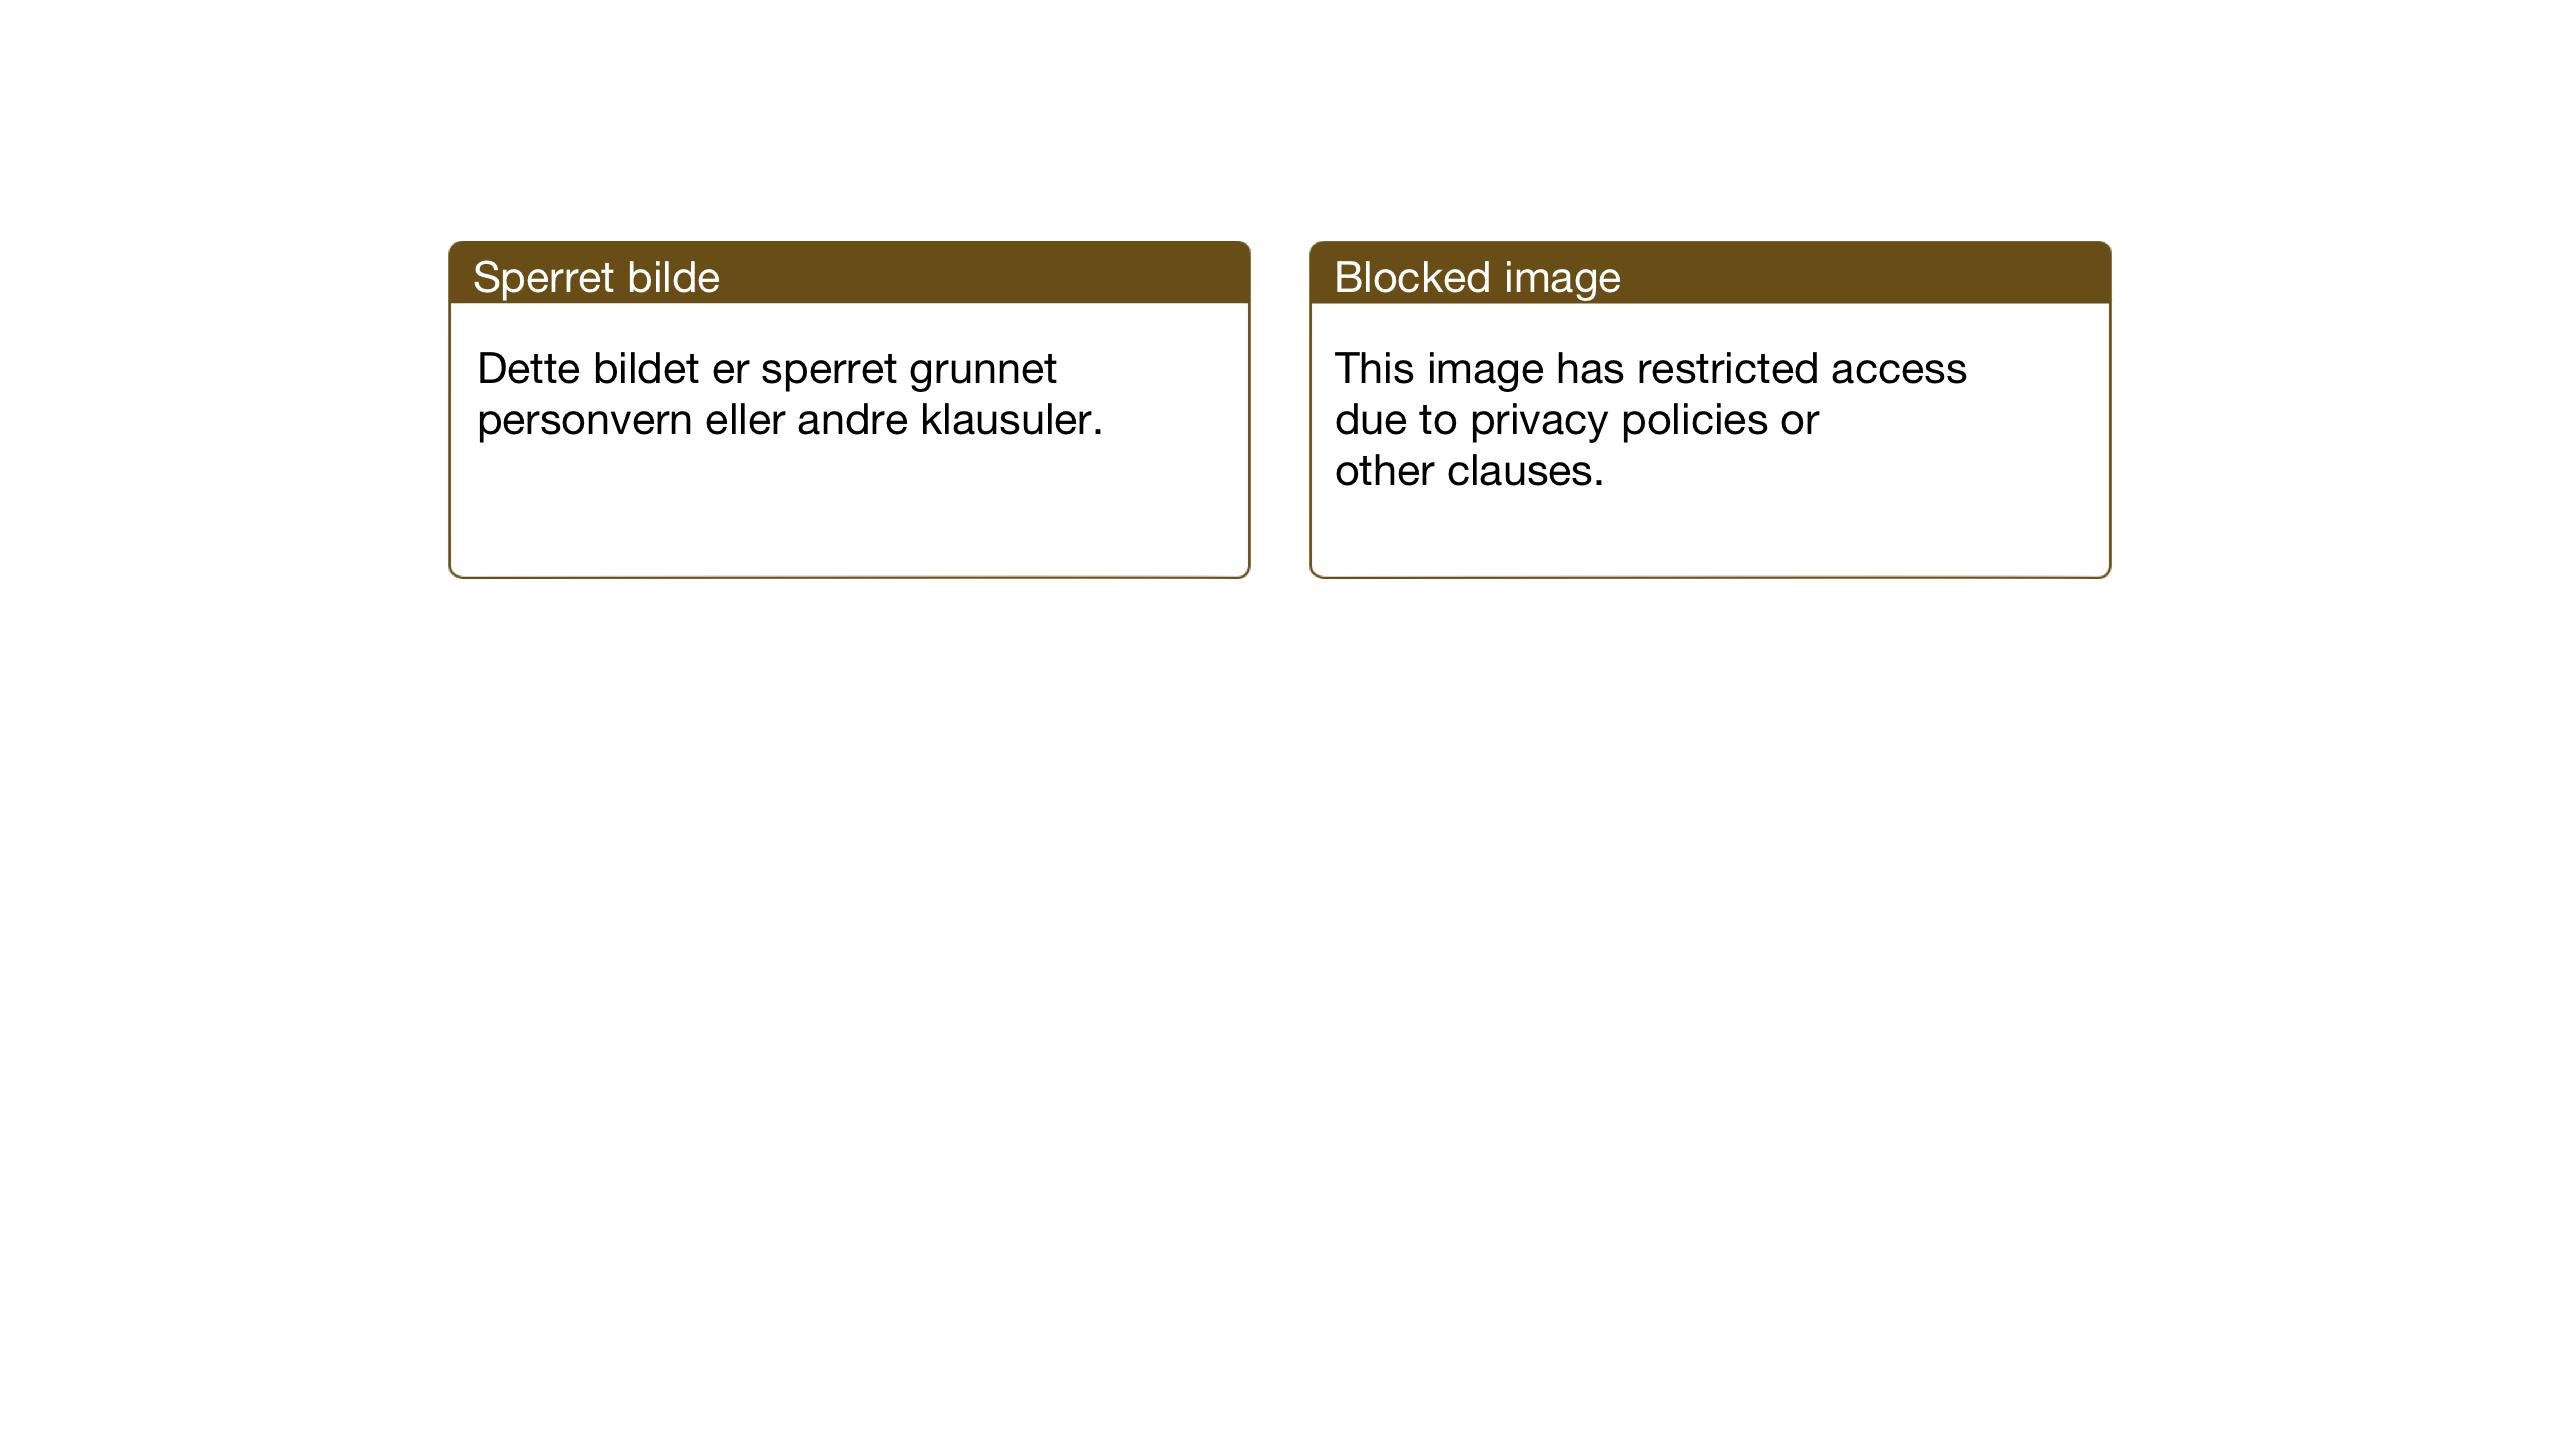 SAT, Ministerialprotokoller, klokkerbøker og fødselsregistre - Nord-Trøndelag, 774/L0631: Klokkerbok nr. 774C02, 1934-1950, s. 133